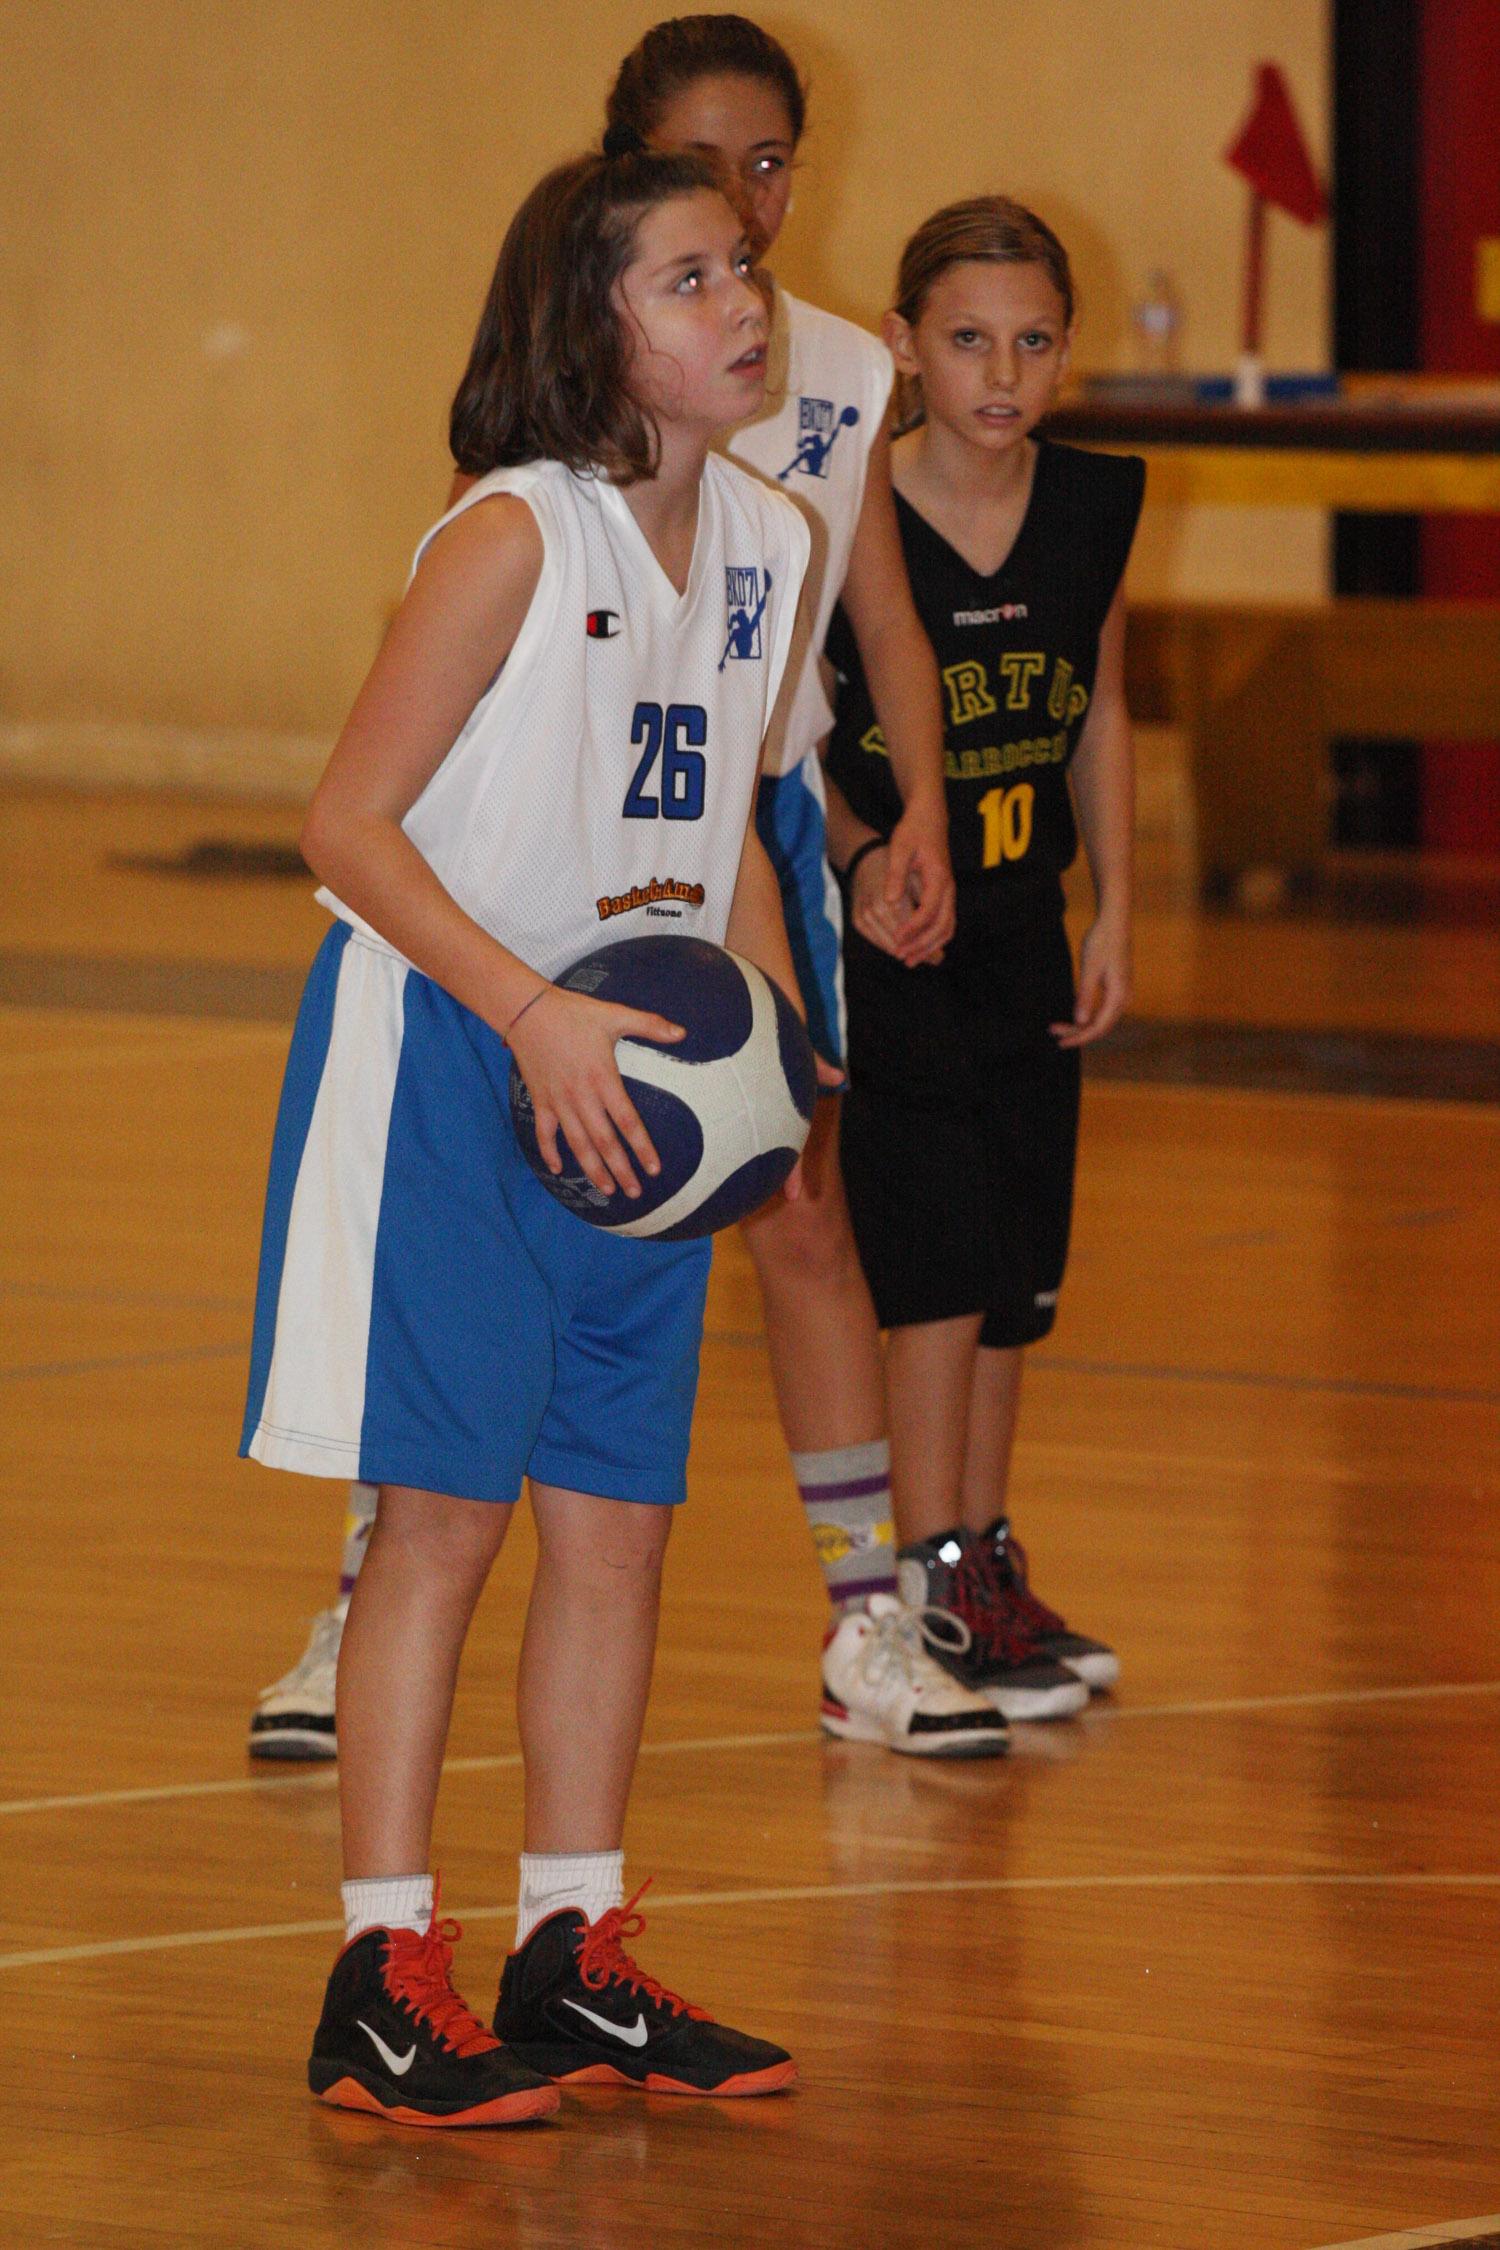 U13 - Baskettiamo Vittuone vs Carroccio Legnano 00019.jpg